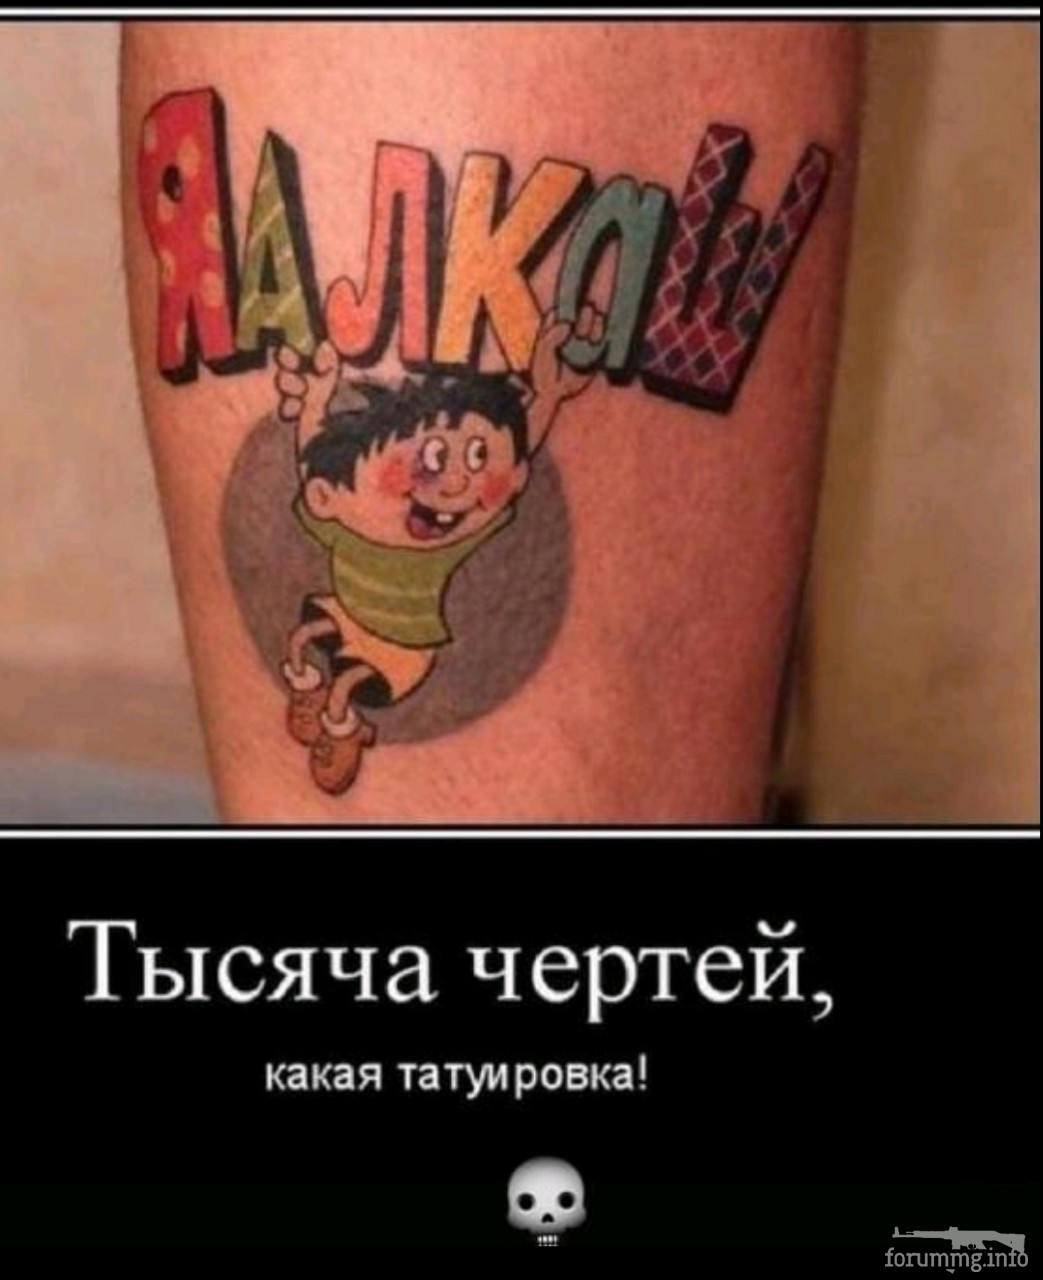 131637 - Пить или не пить? - пятничная алкогольная тема )))